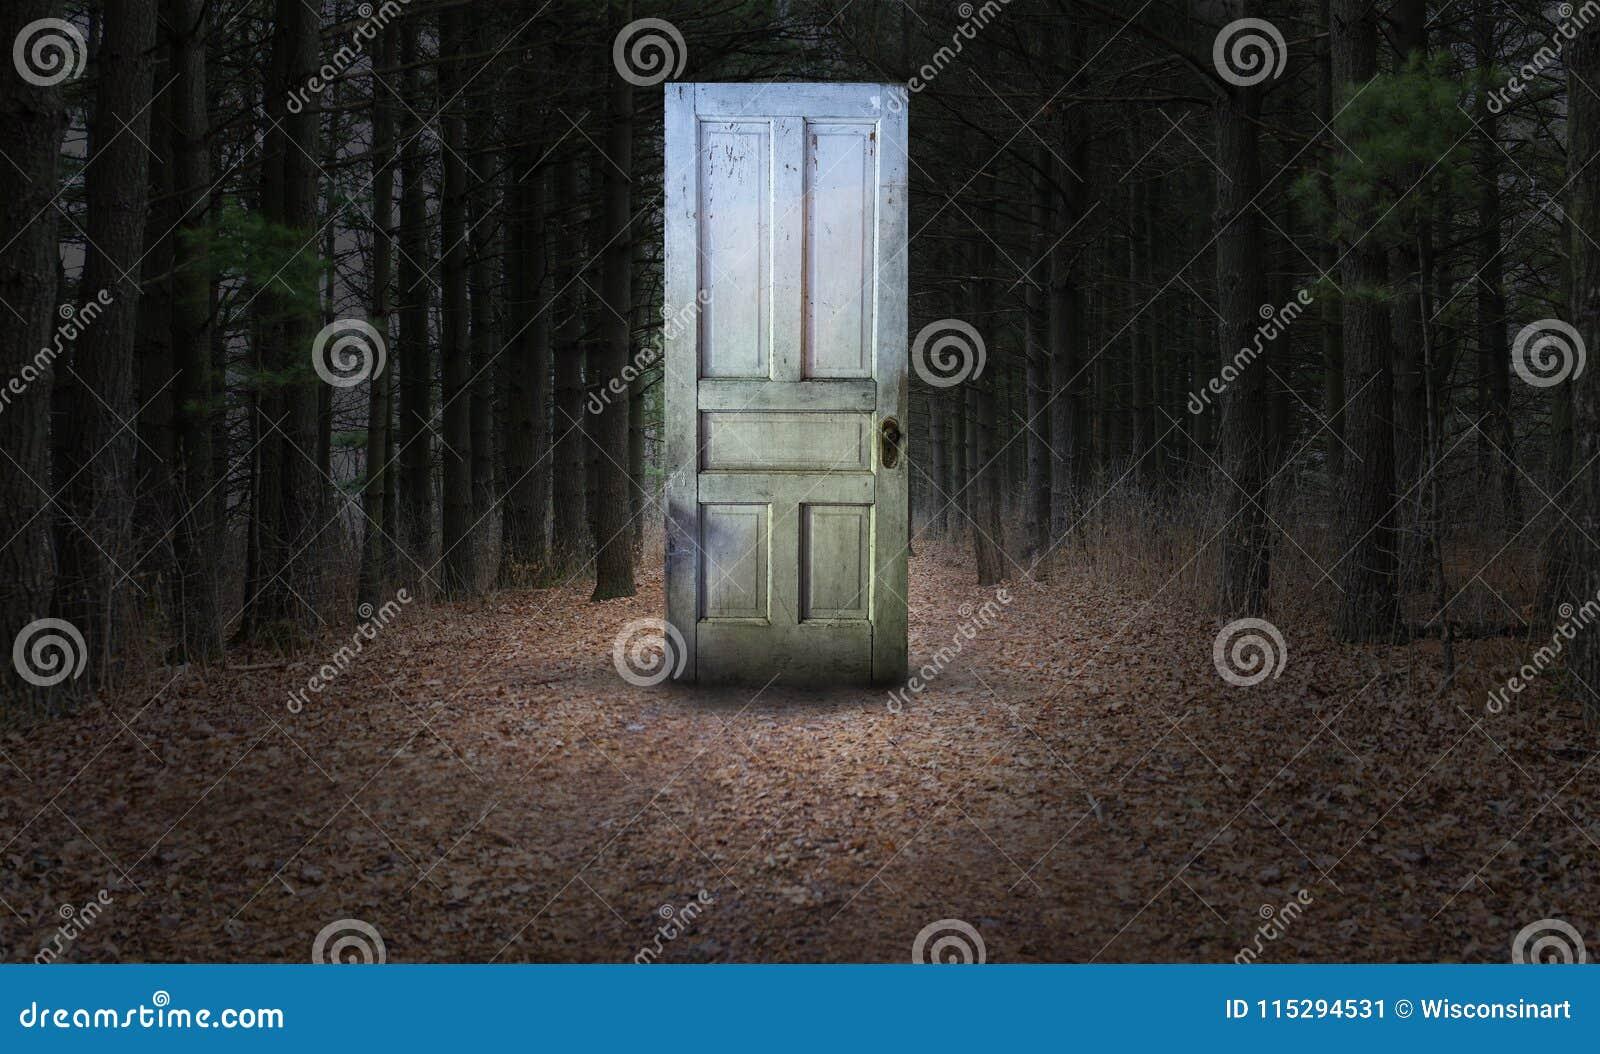 Υπερφυσική πόρτα, Woords, πορεία, δάσος